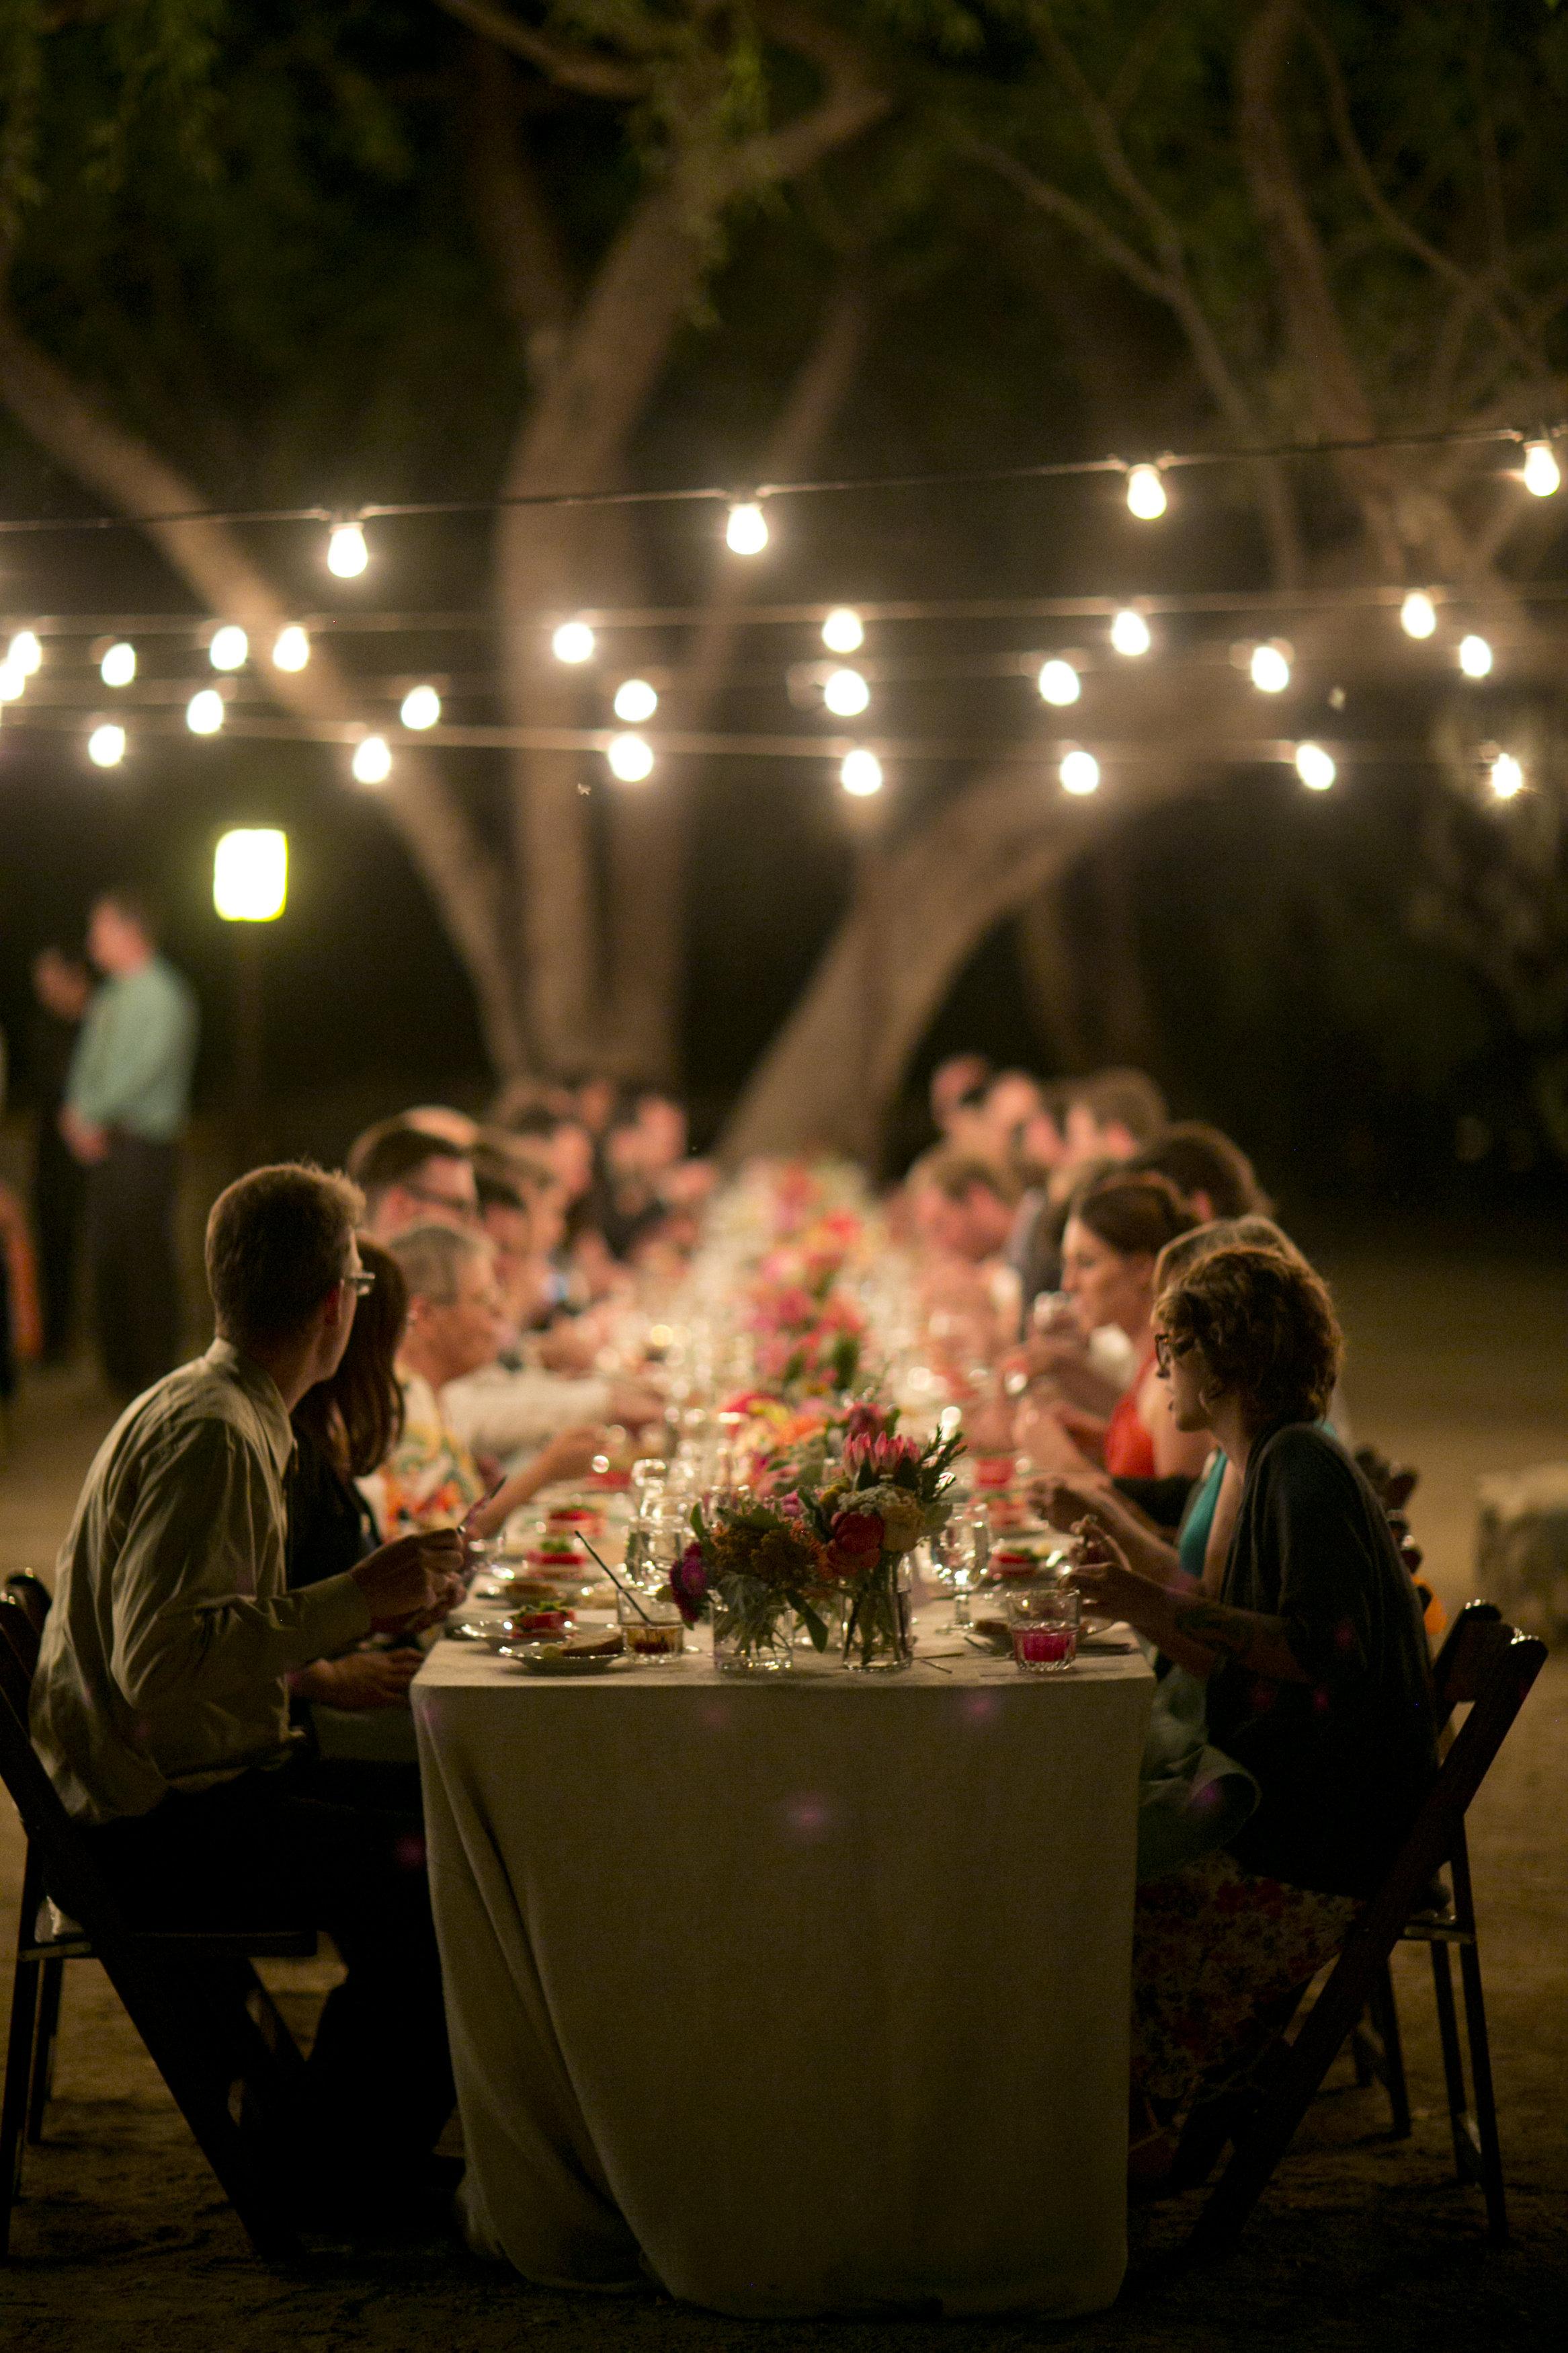 Ceci_New_York_Ceci_Style_Ceci_Johnson_Luxury_Lifestyle_Arizona_Wedding_Watercolor_Inspiration_Design_Custom_Couture_Personalized_Invitations_191.jpg